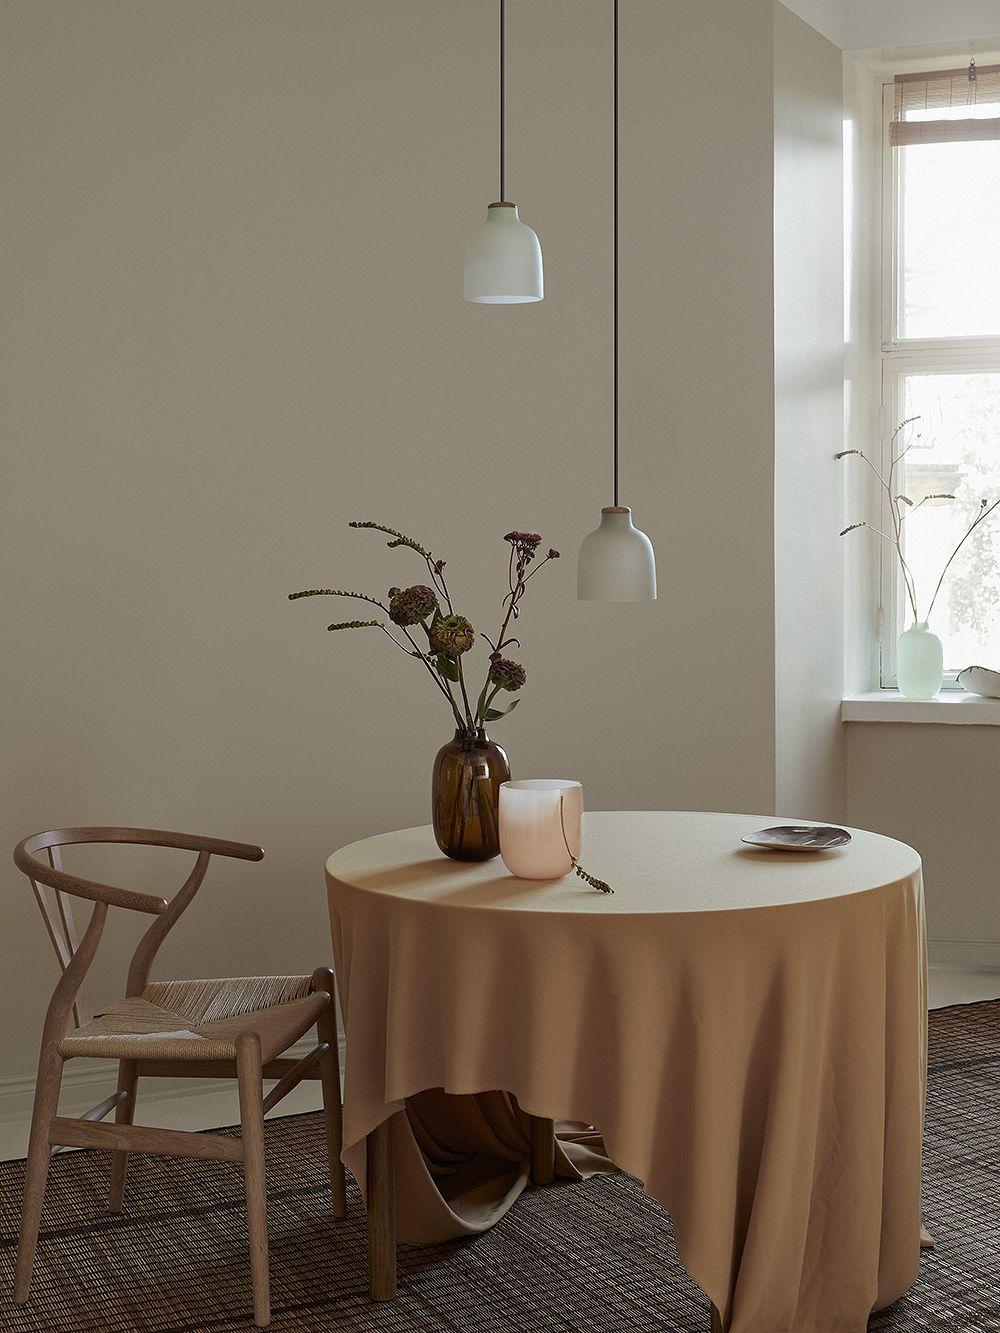 Katriina Nuutinen Vieno collection